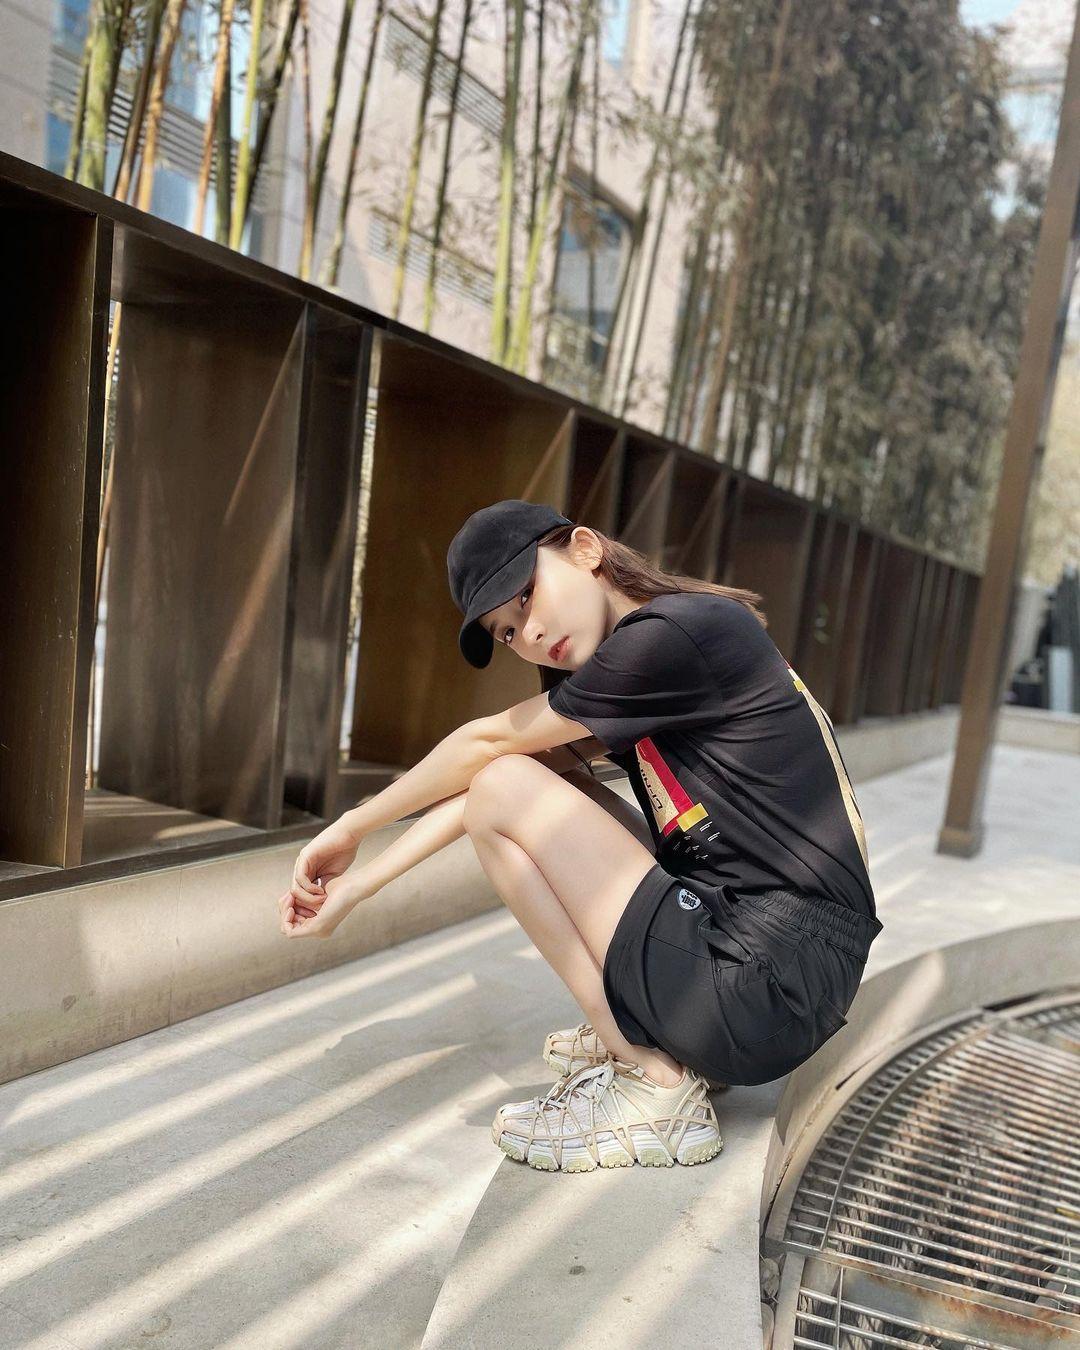 李宁,Mix ACE,发售,明星,娜扎  腿长逆天!娜扎上脚神秘新鞋!这双鞋果然大有来头!